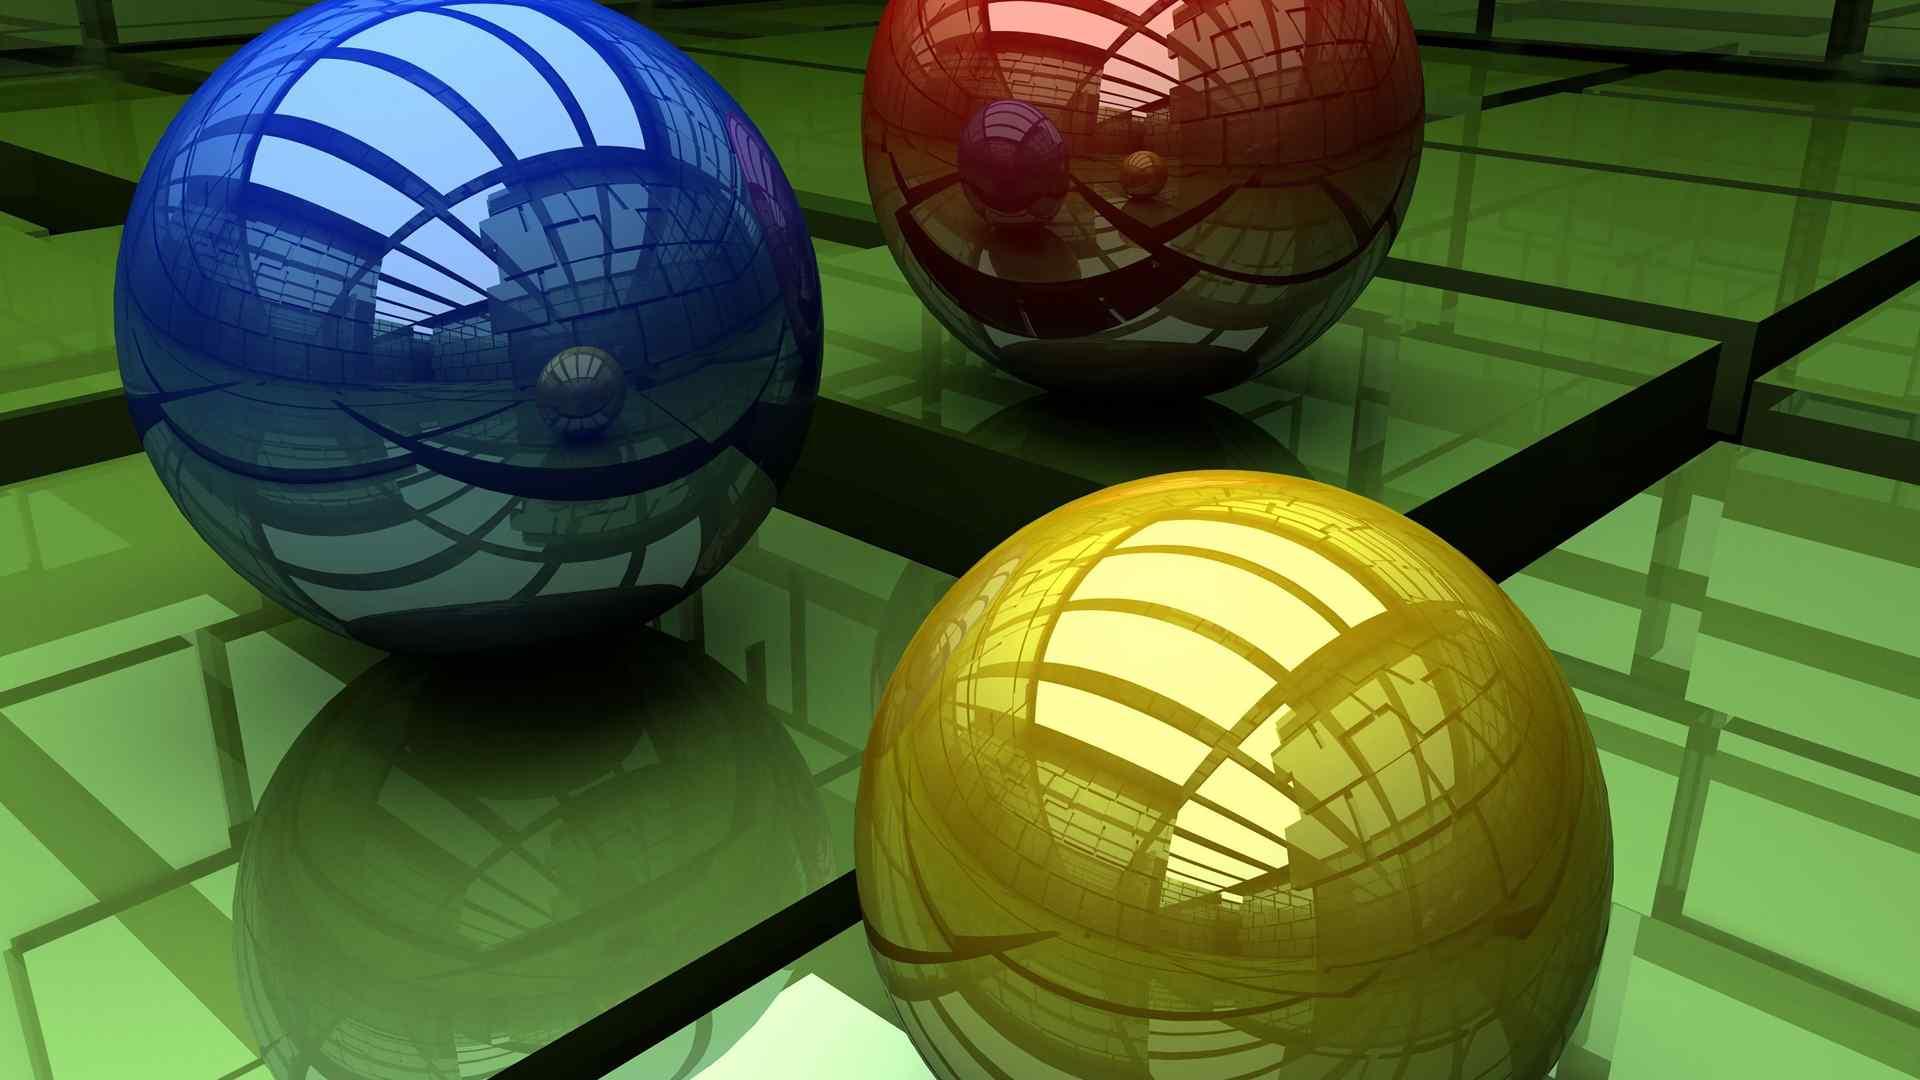 动感三维立体球体设计壁纸